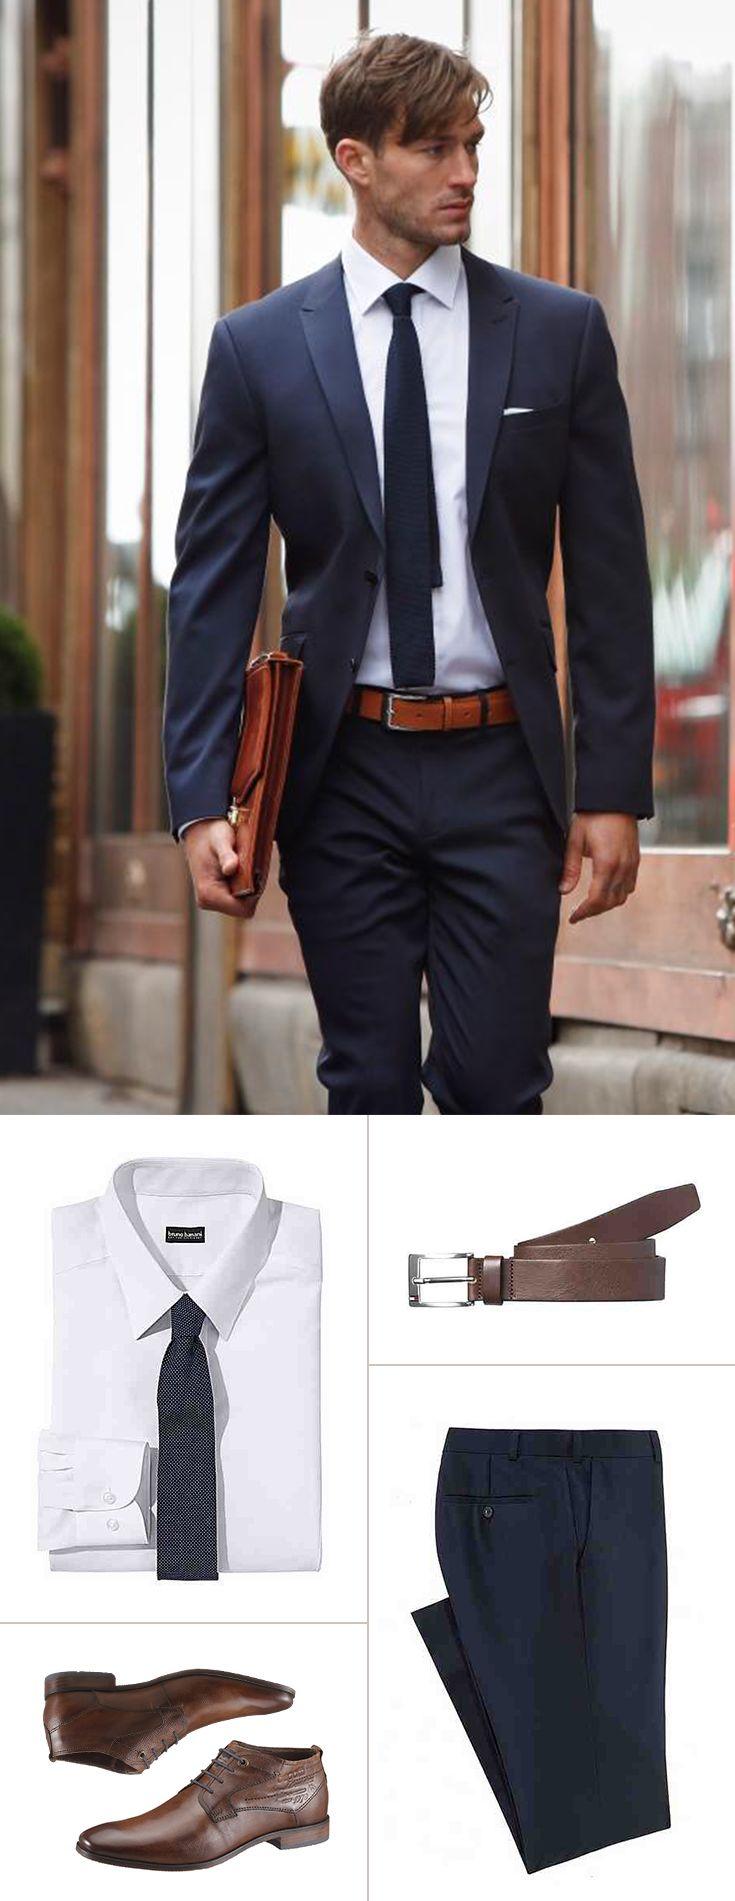 Dunkelblau ist die Klassiker-Farbe für deinen Businesslook – und alles andere als langweilig. Der Suit von Bruno Banani betont mit seinem Slim-fit-Schnitt stilvoll deine Figur, mit einer Krawatte und dem Einstecktuch setzt du Farbakzente. Die braunen Business-Stiefeletten runden dein Outfit ab.